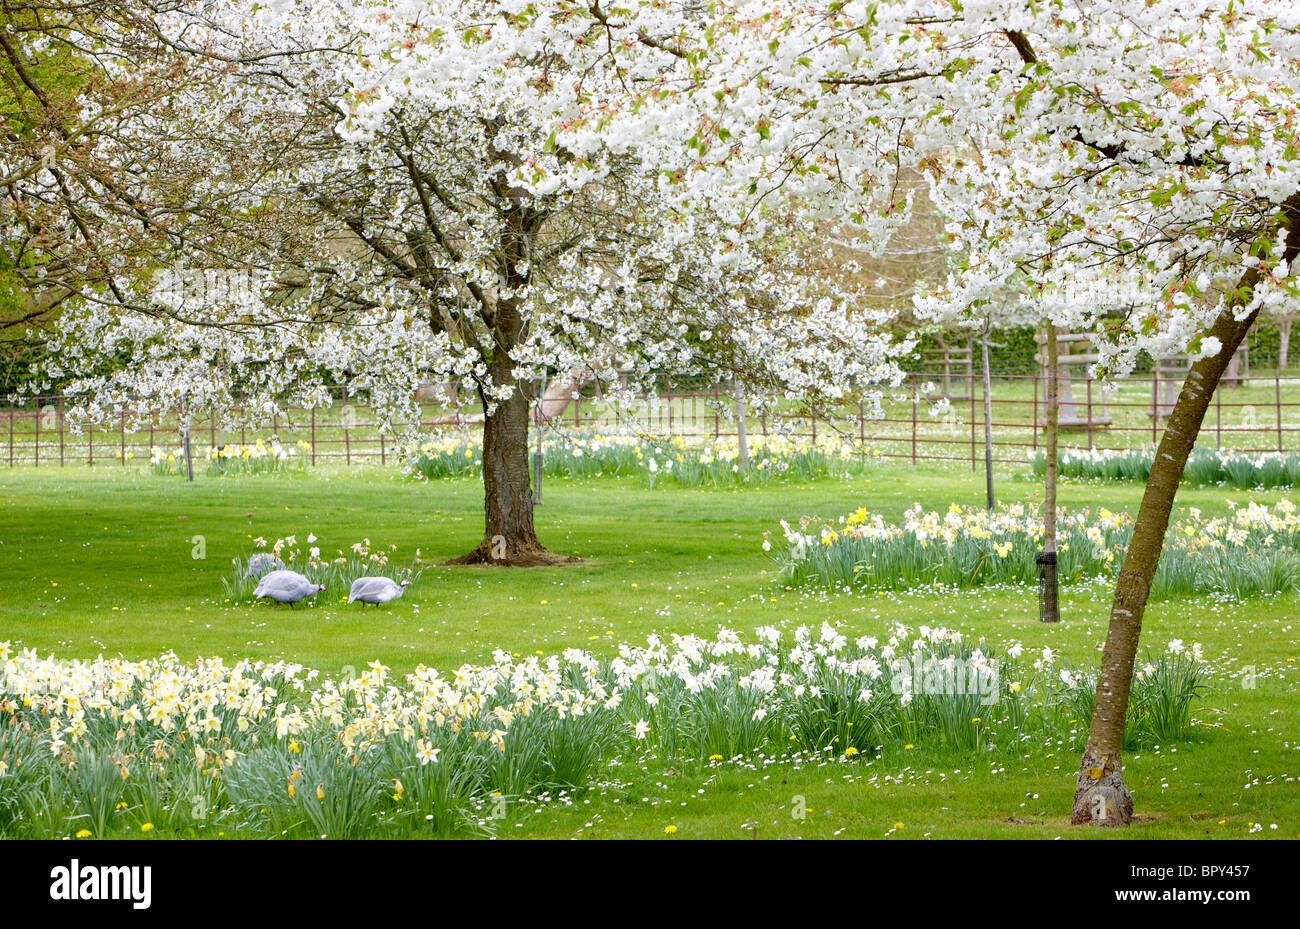 Fleurs de cerisier blanc jonquilles jardin pintades Banque D'Images